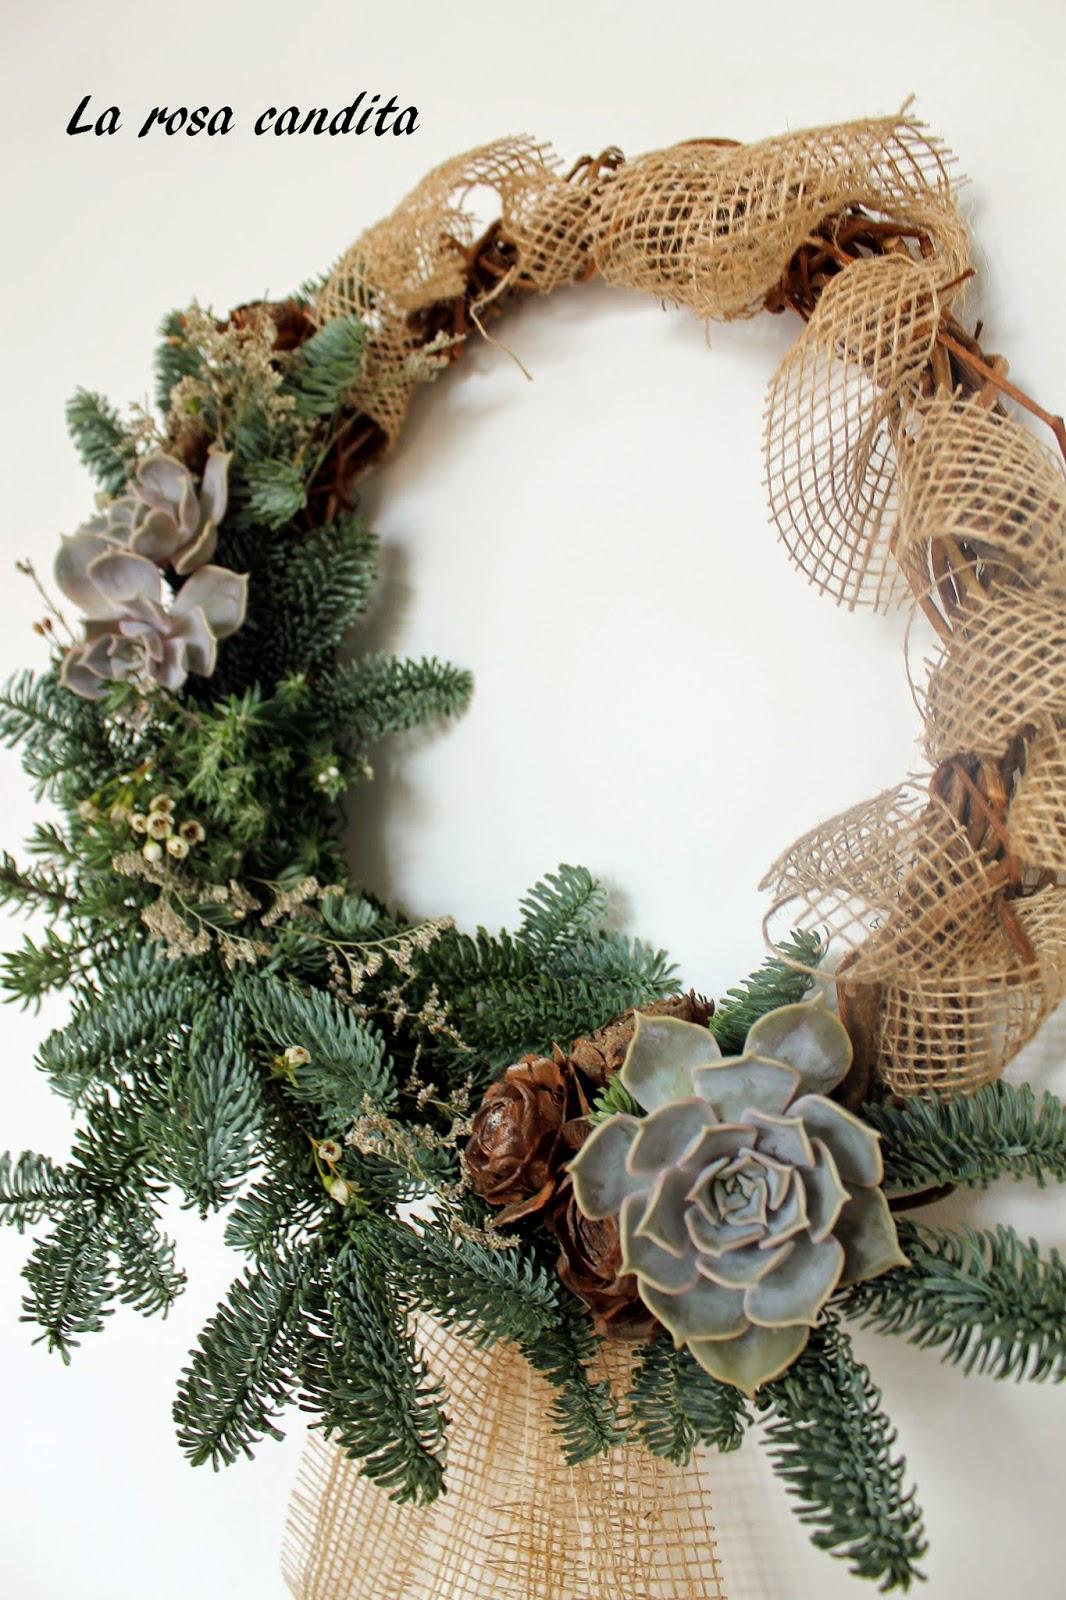 La rosa candita ghirlande e decorazioni natalizie - Cuore da appendere alla porta ...